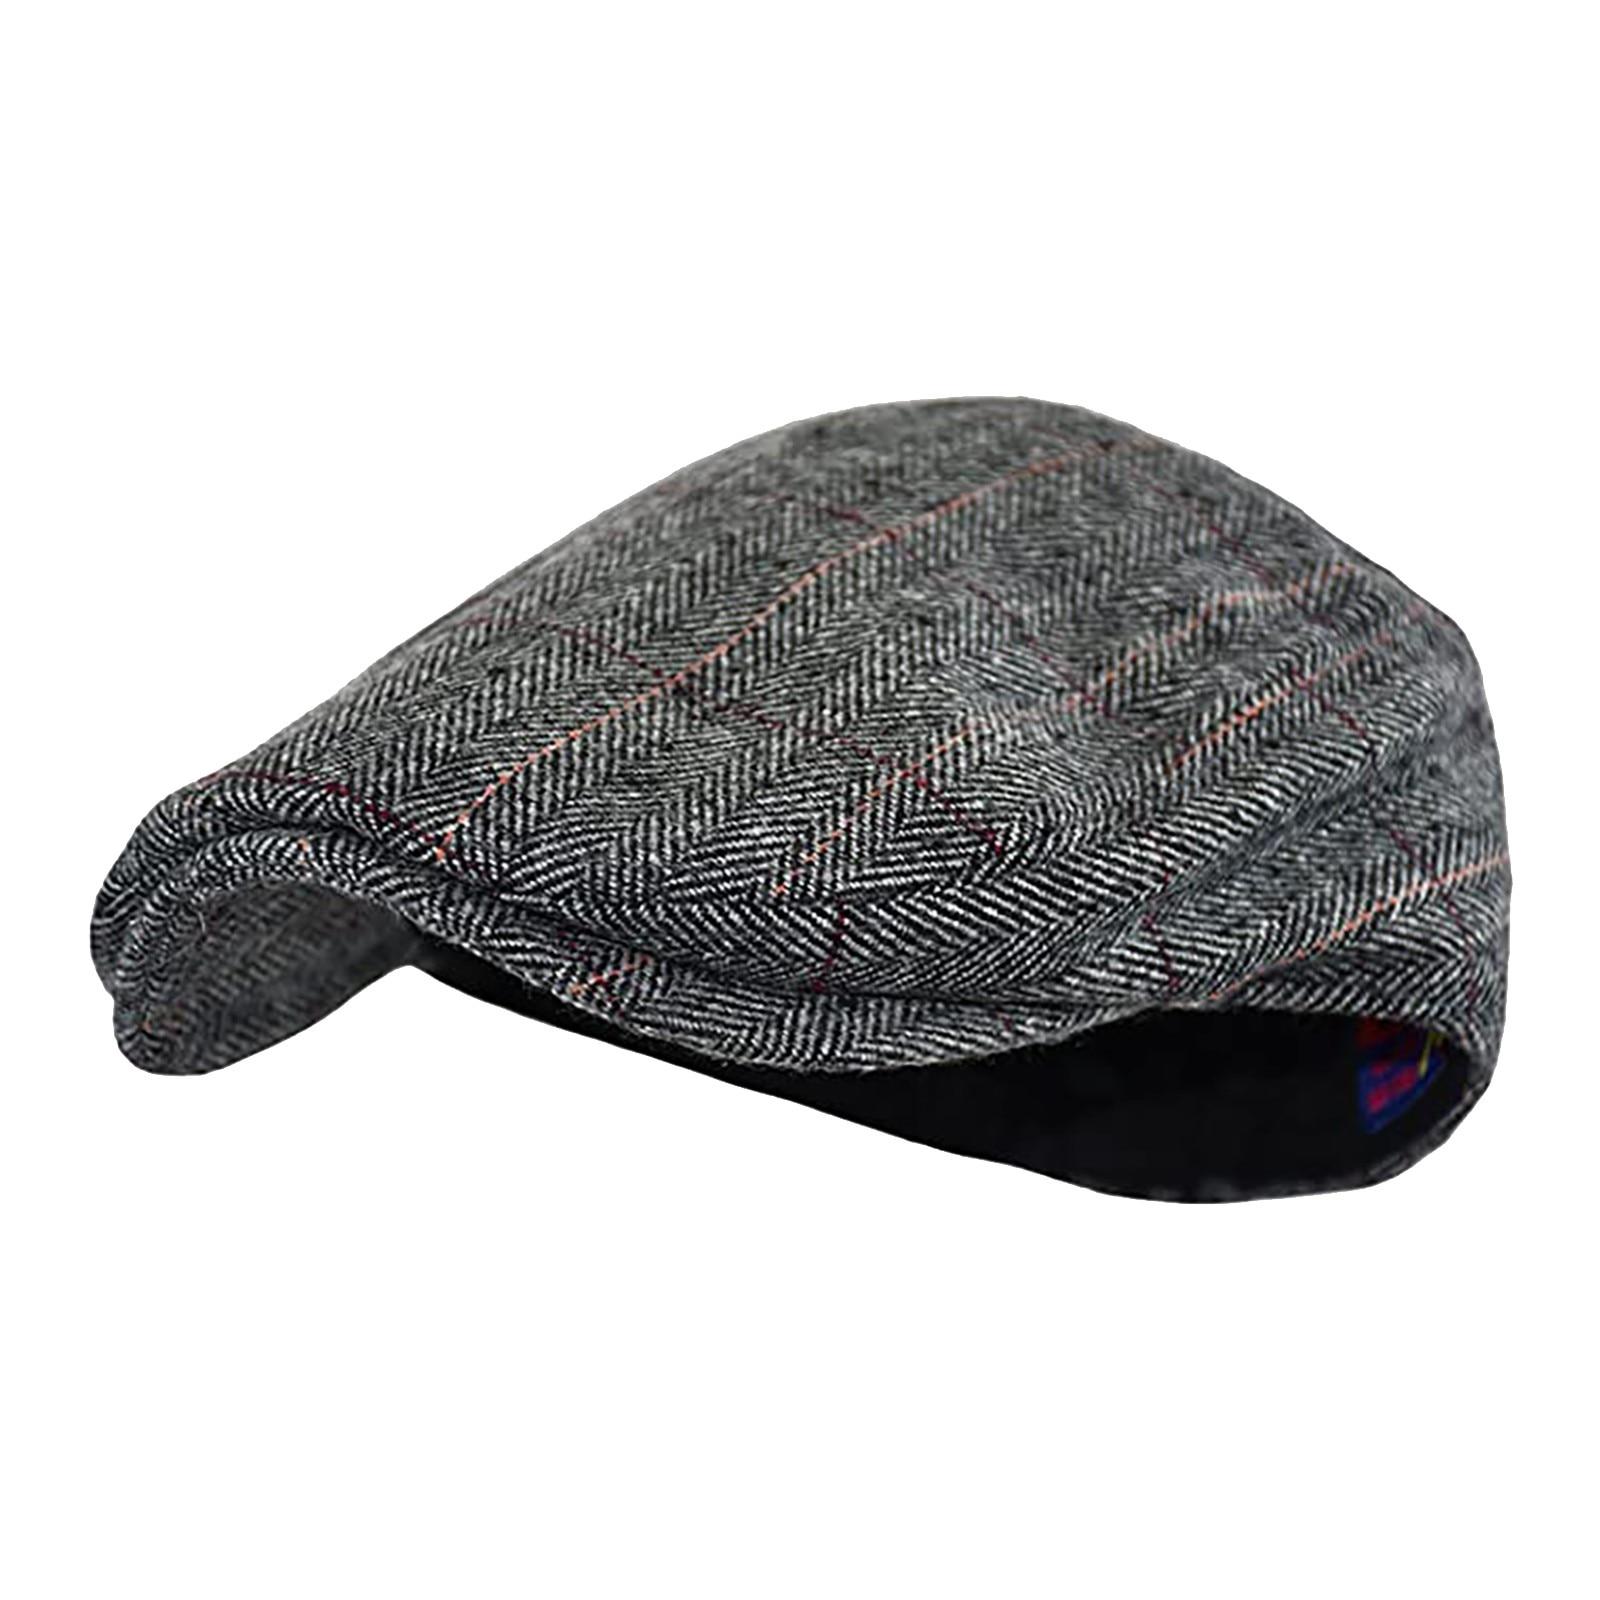 Берет твидовый в елочку для мужчин и женщин, теплая винтажная шапка-берет, Повседневный дышащий, зимний, удобный, заостренный, D4 #